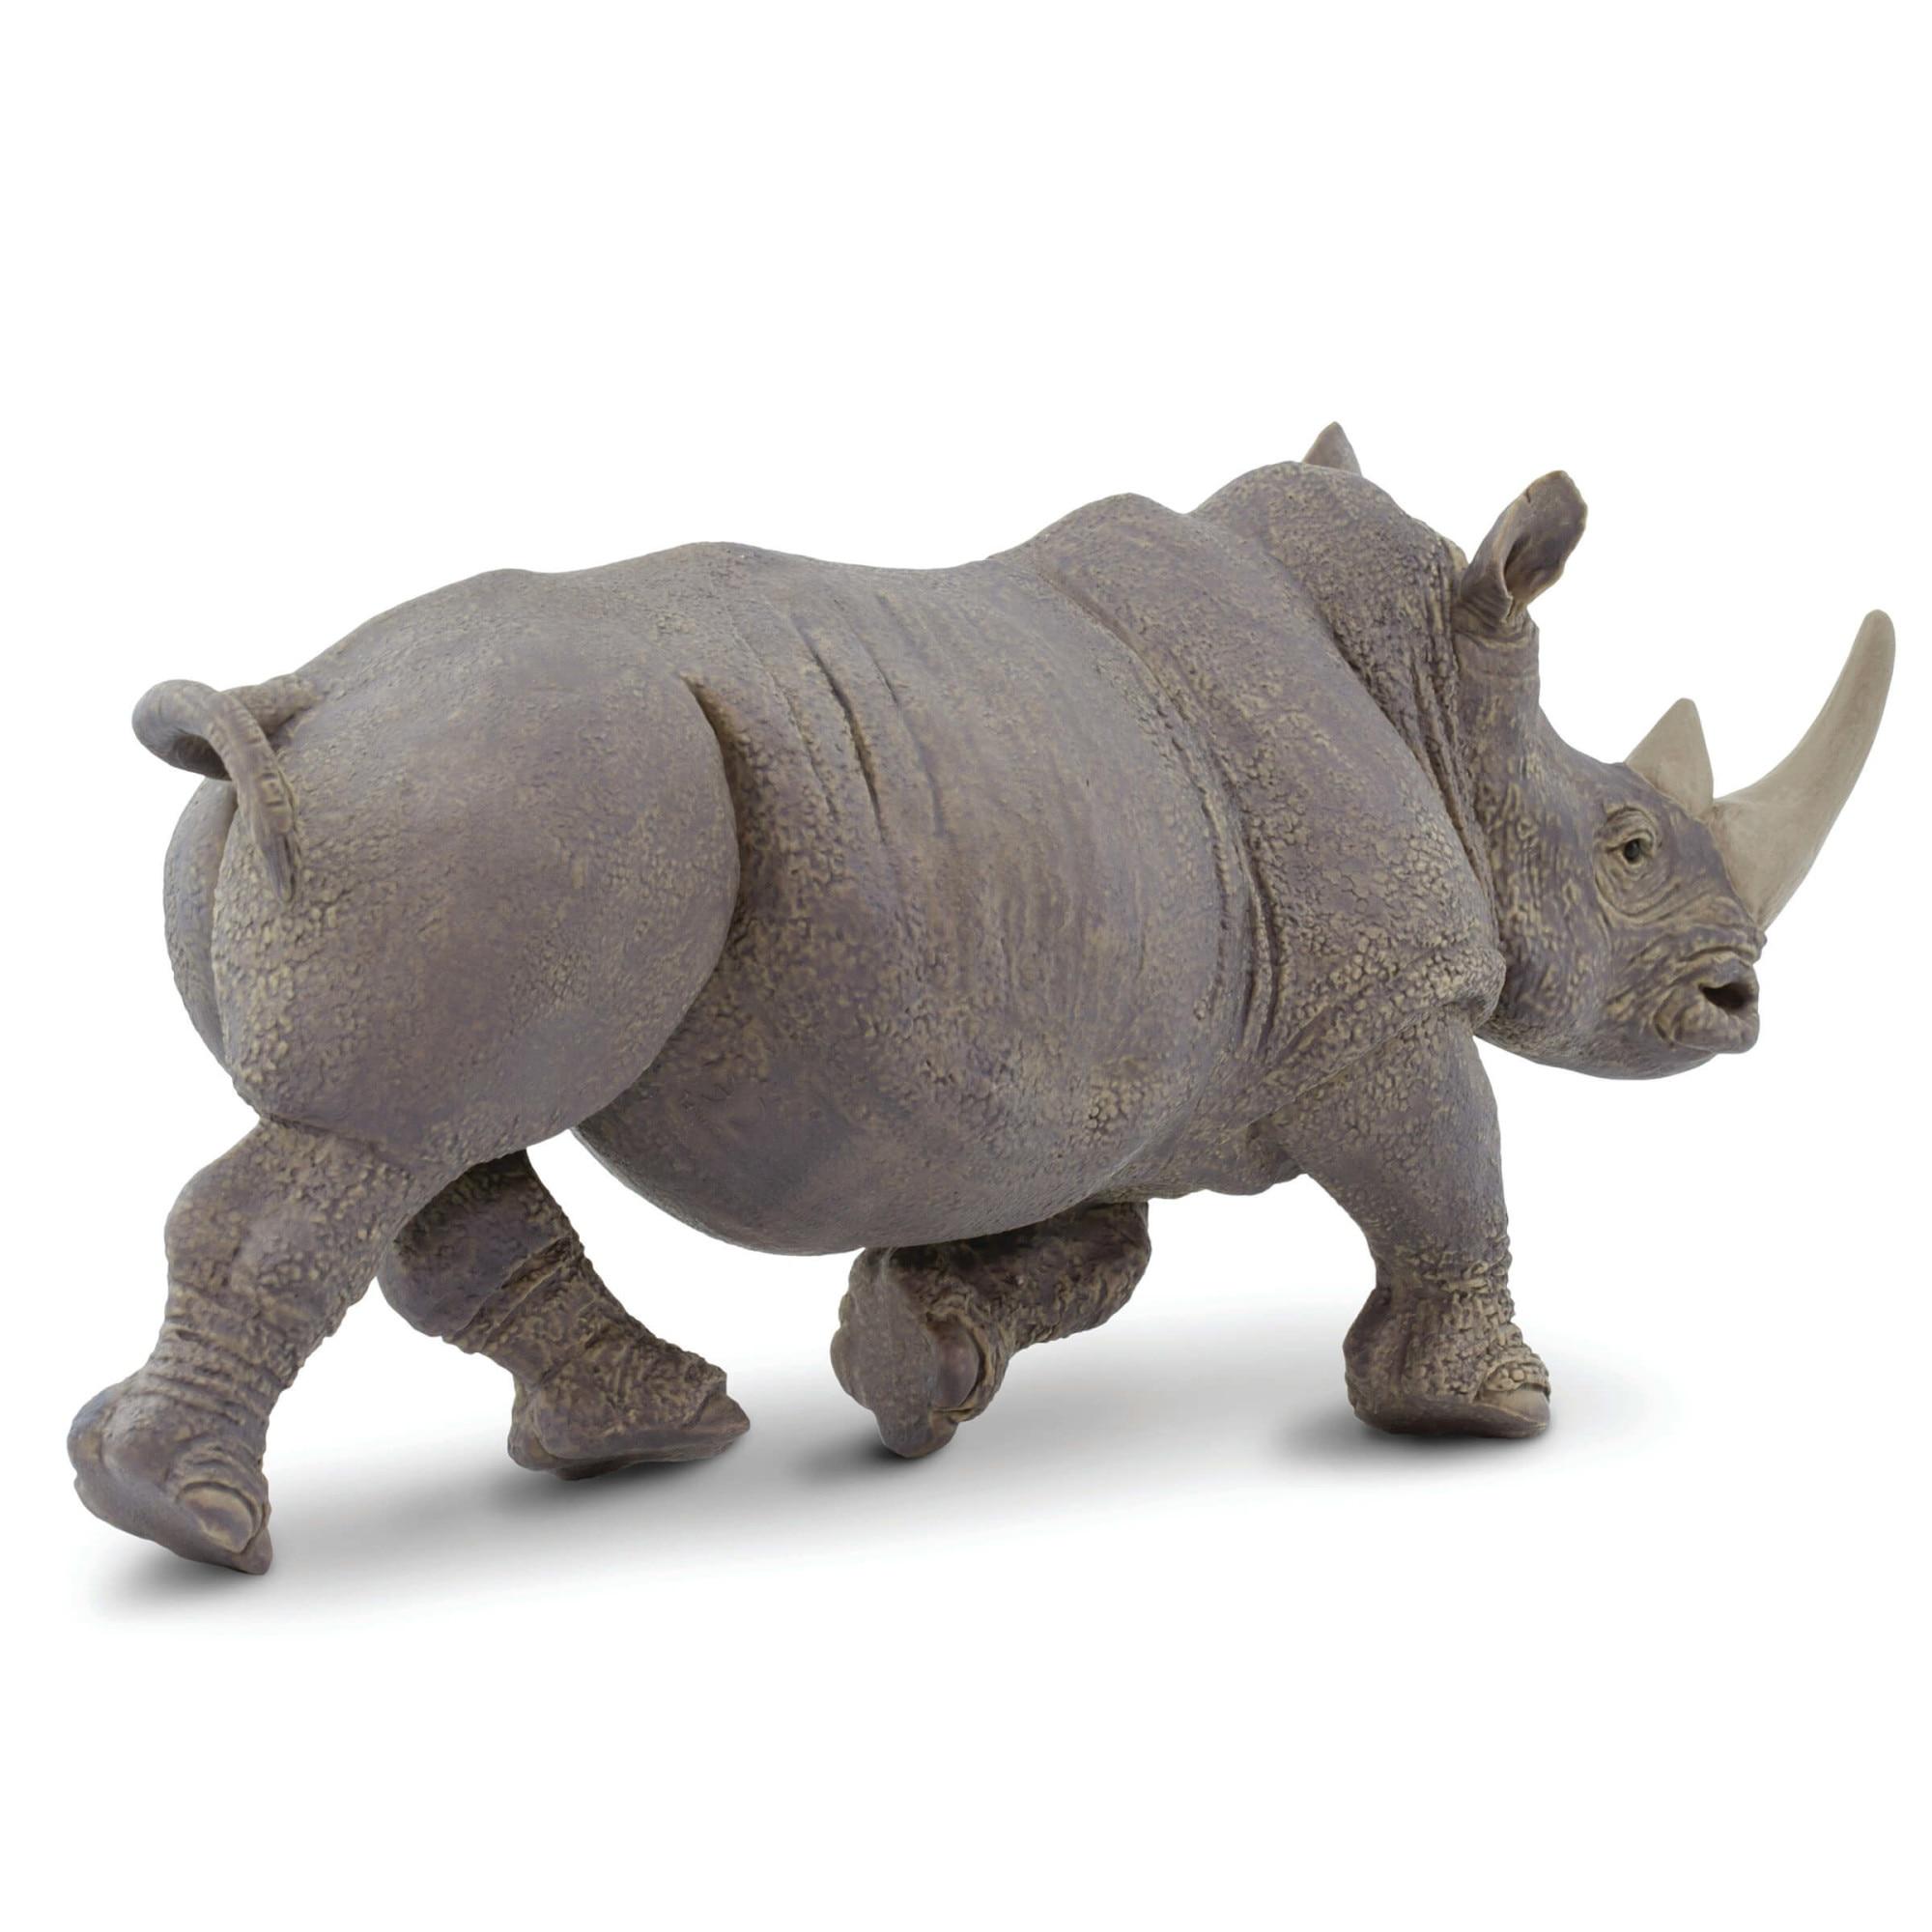 Rinocer la cai Sudan, ultimul rinocer alb mascul, a murit. Avea 45 de ani și era foarte bolnav